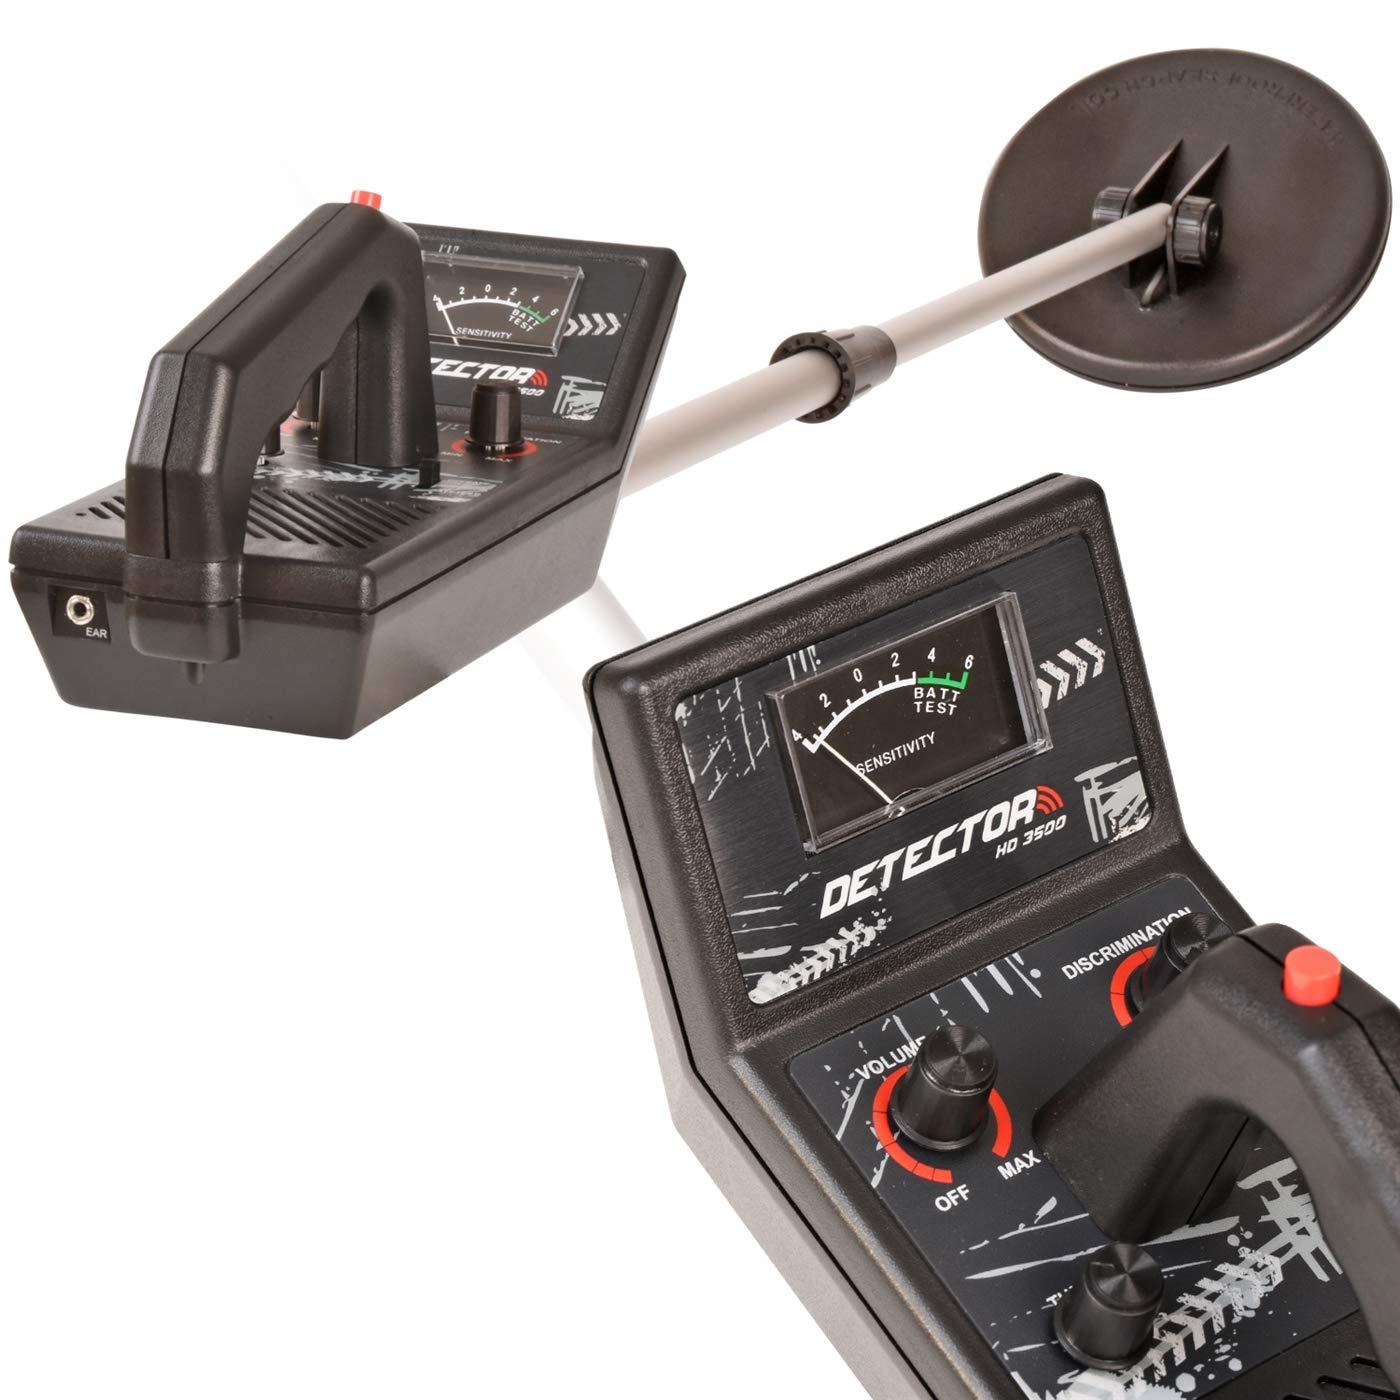 VOSS.garden Voss Detector HD 3500 - Allround Metallsuchgerät Metalldetektor Sonde Tiefensonde